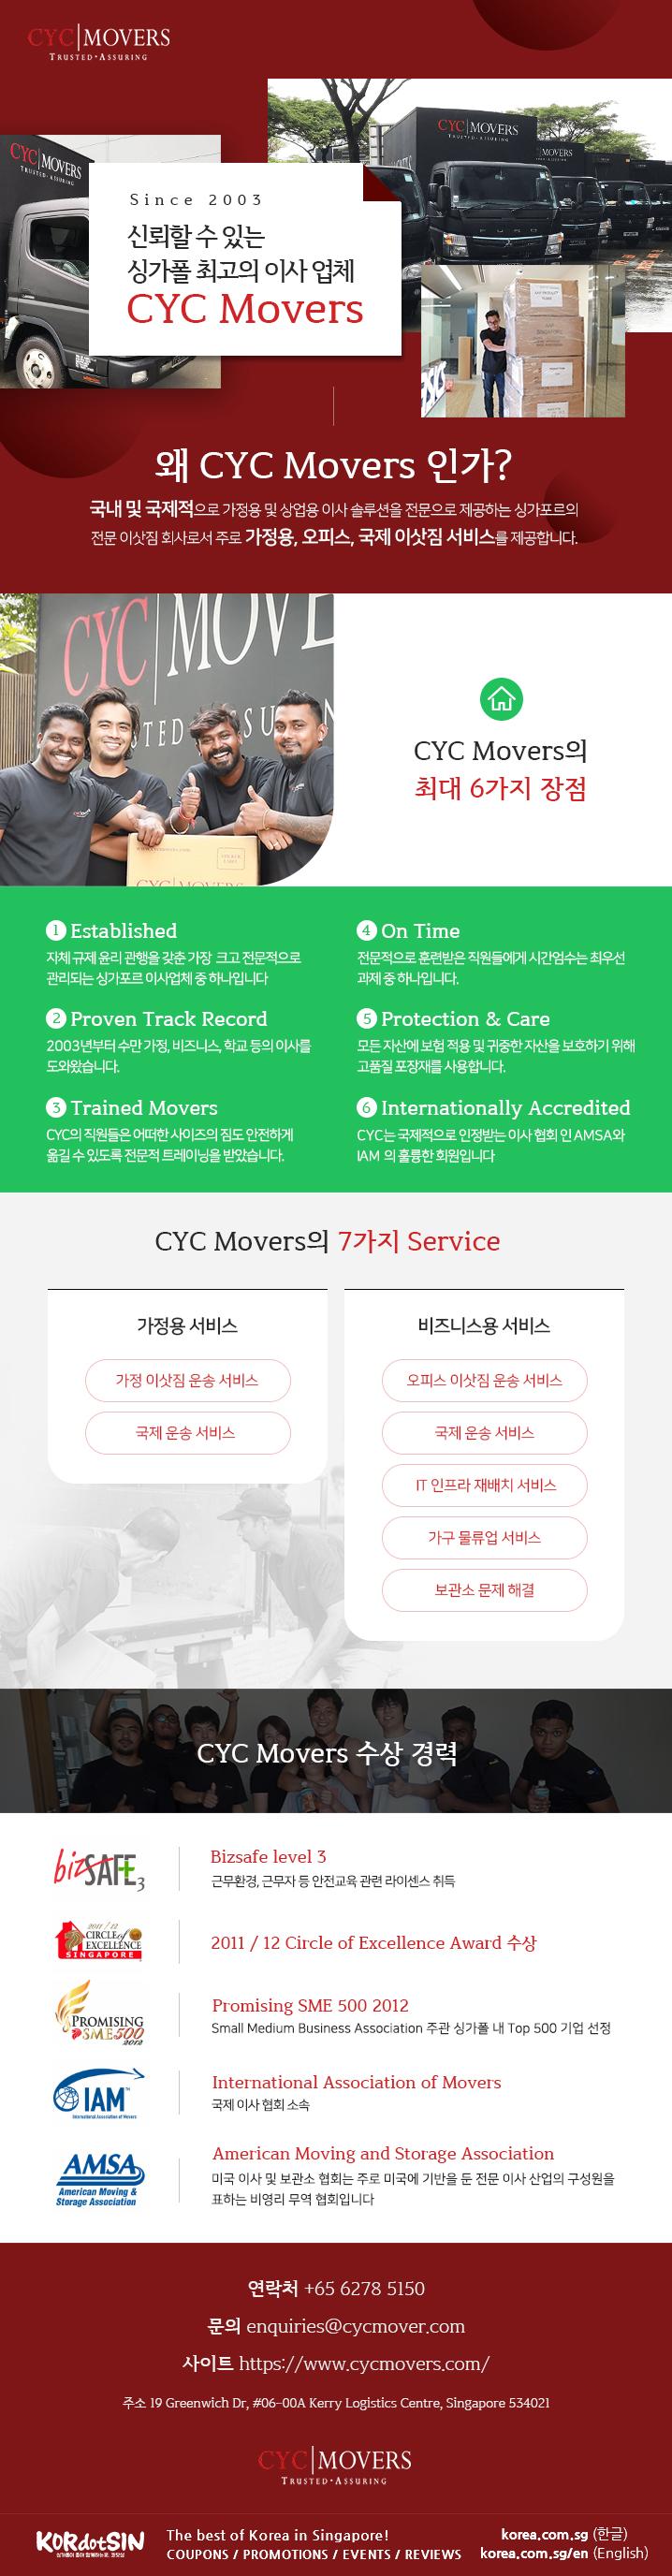 믿고 신뢰할 수 있는 싱가포르 이삿짐센터, CYC MOVERS